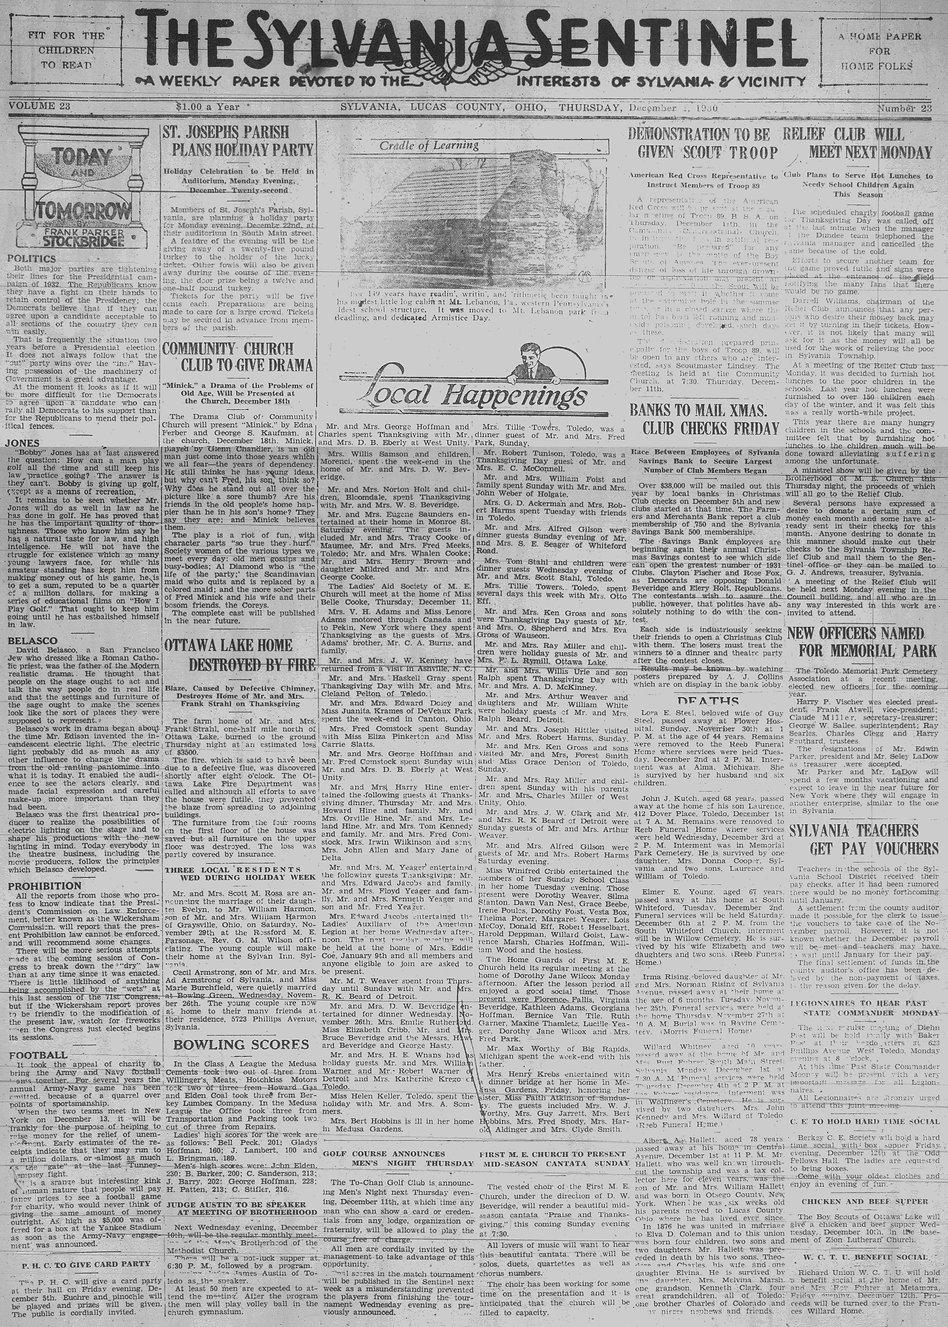 1930 dec 4 sylvania sentinel